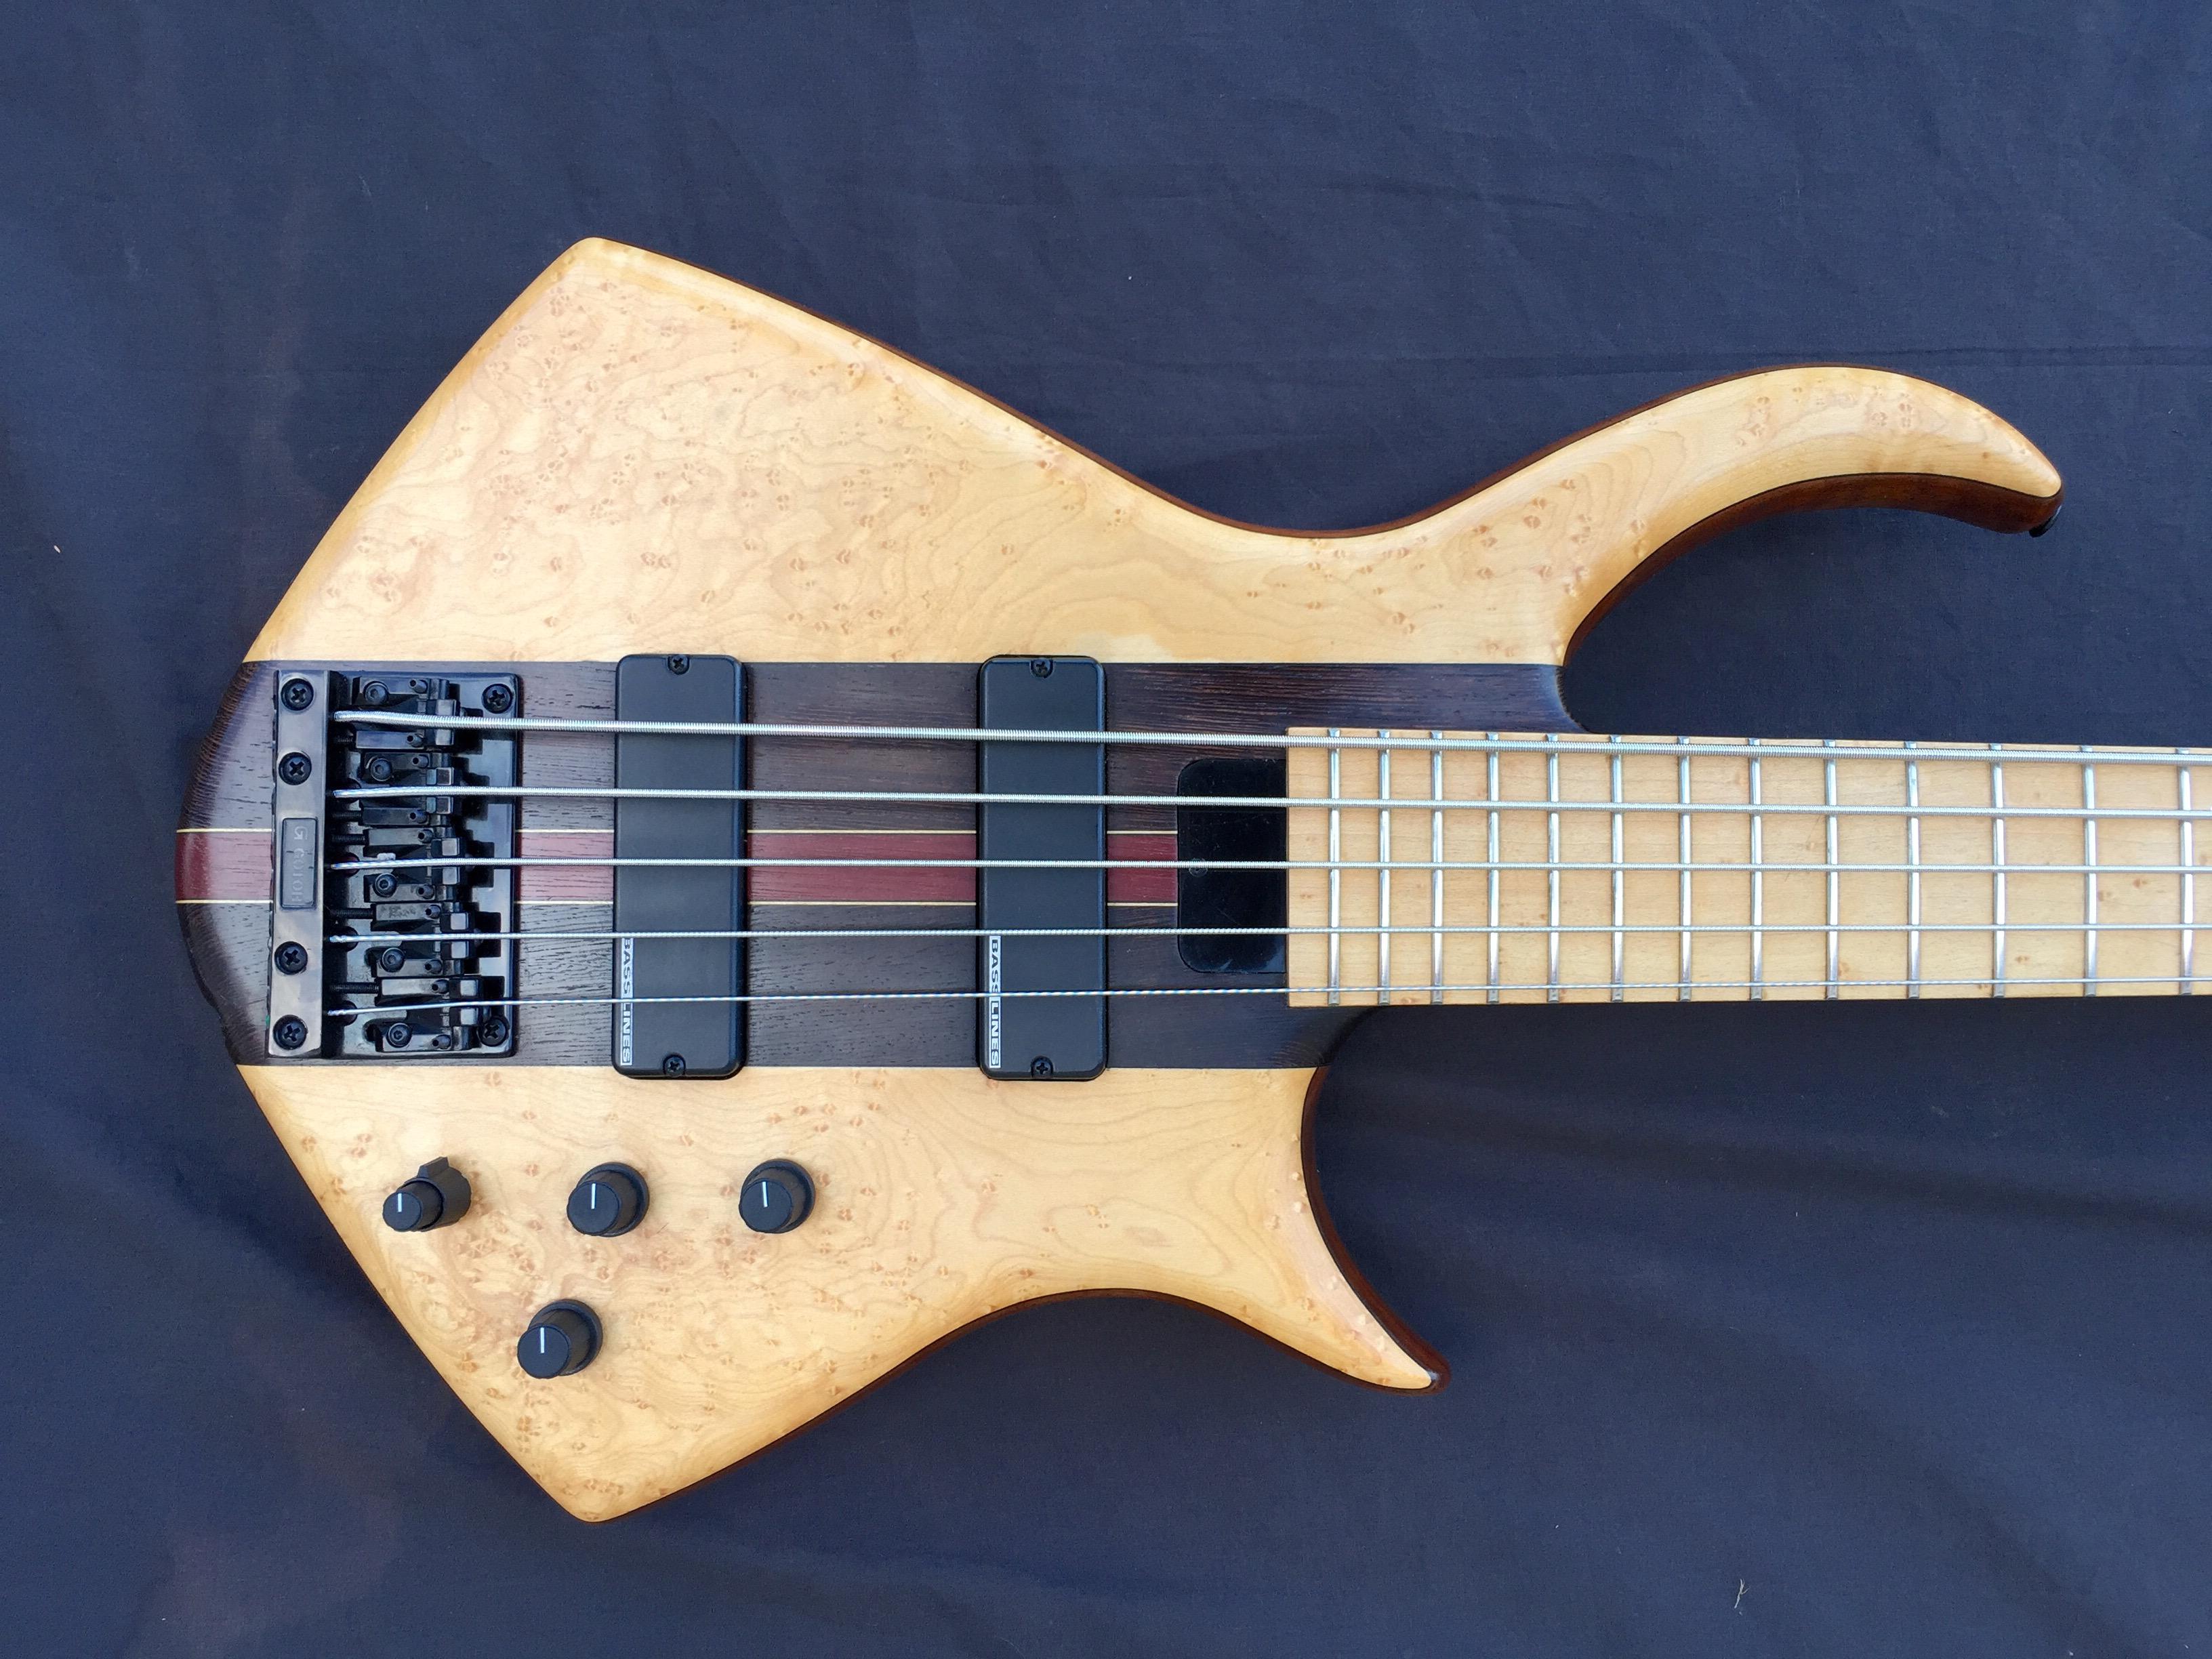 1996 Warrior Model 2